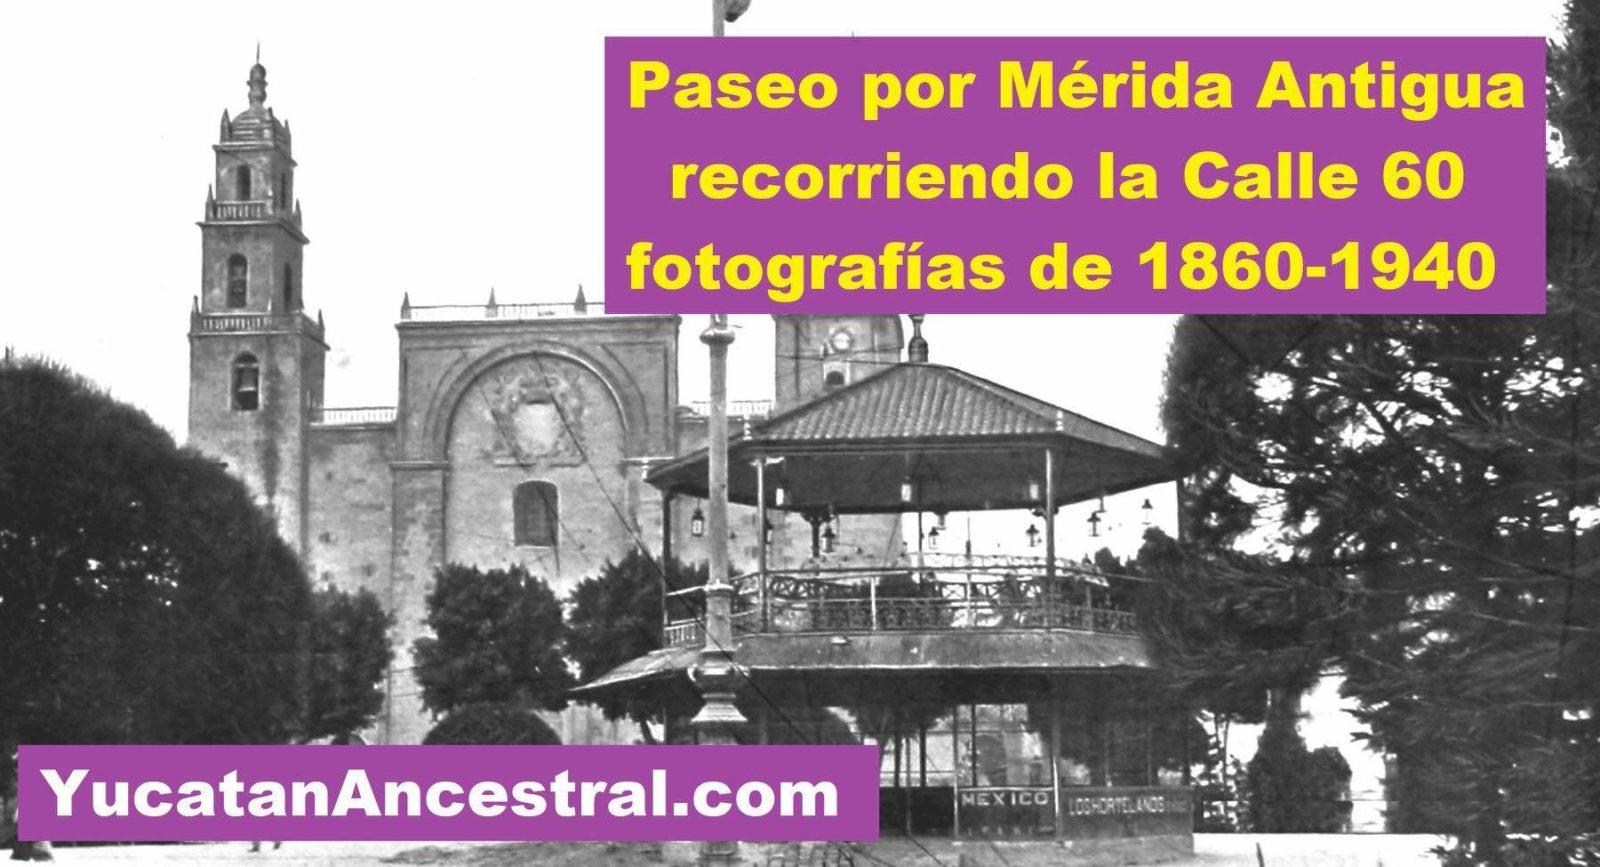 La calle 60 de Mérida a principios del Siglo XX